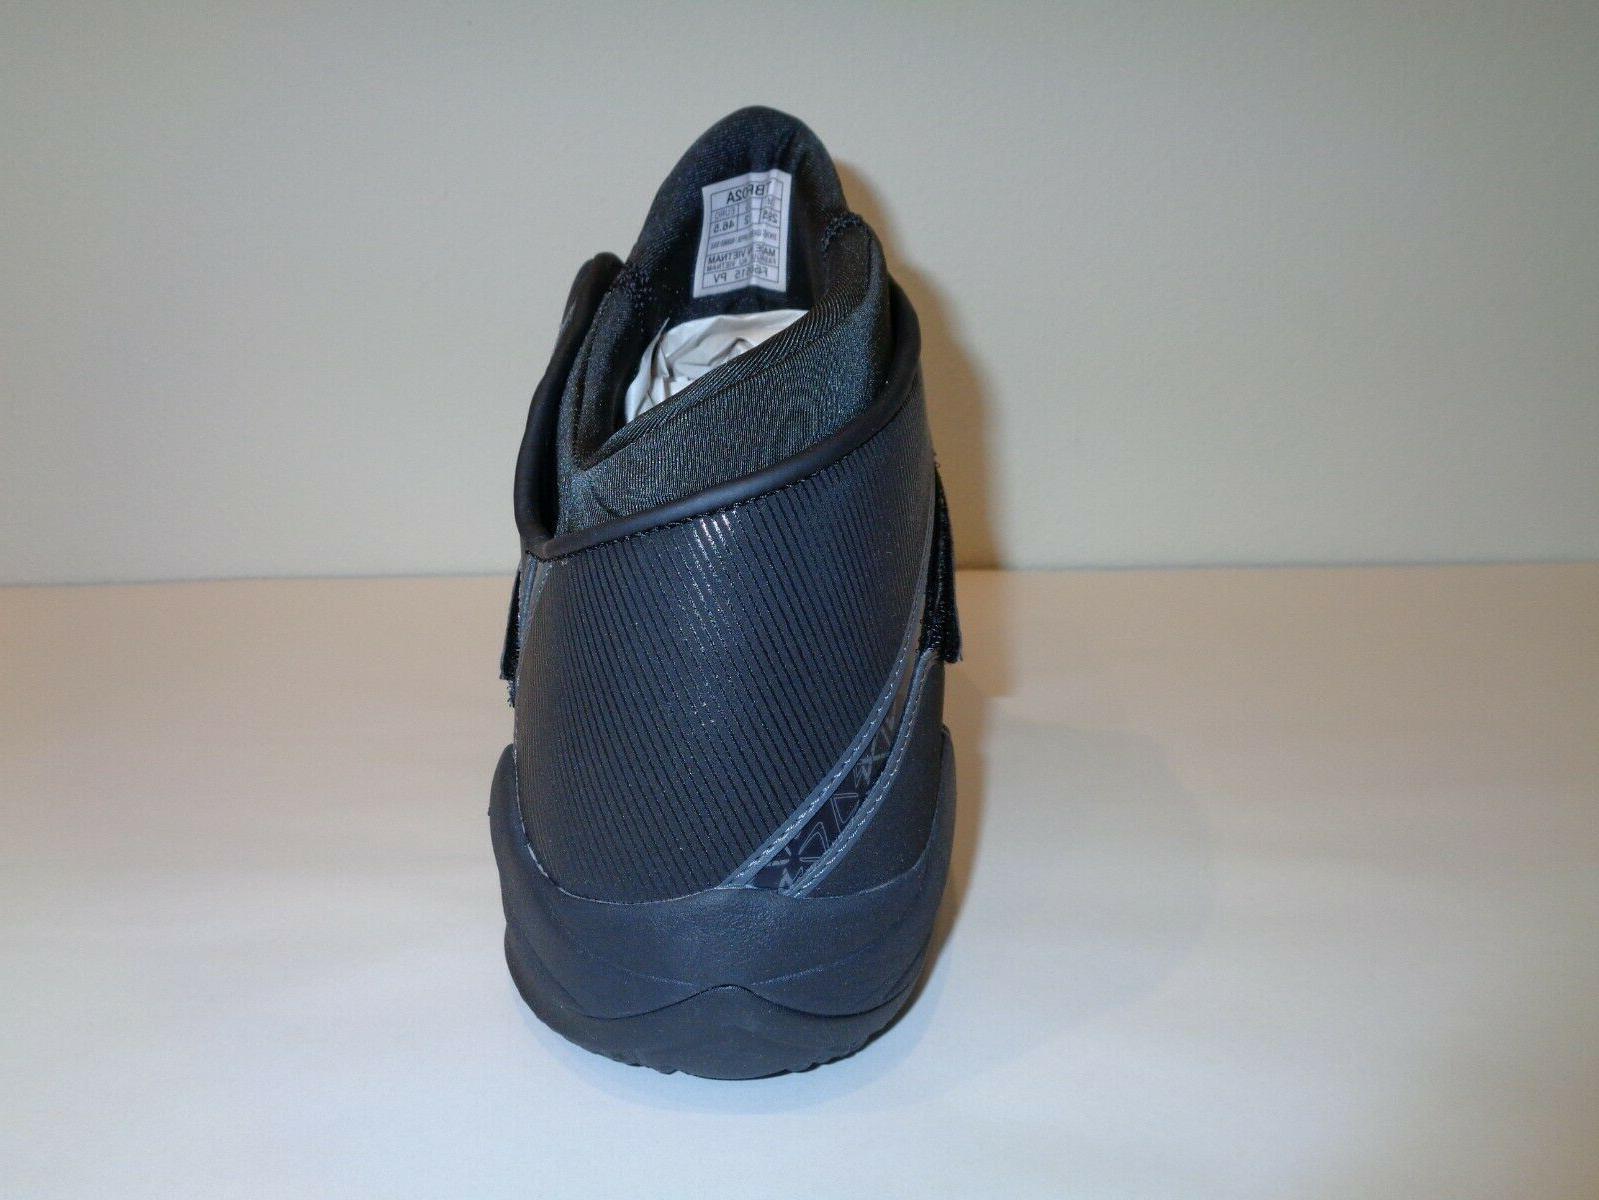 Asics Size NAKED EGO2 Shoes